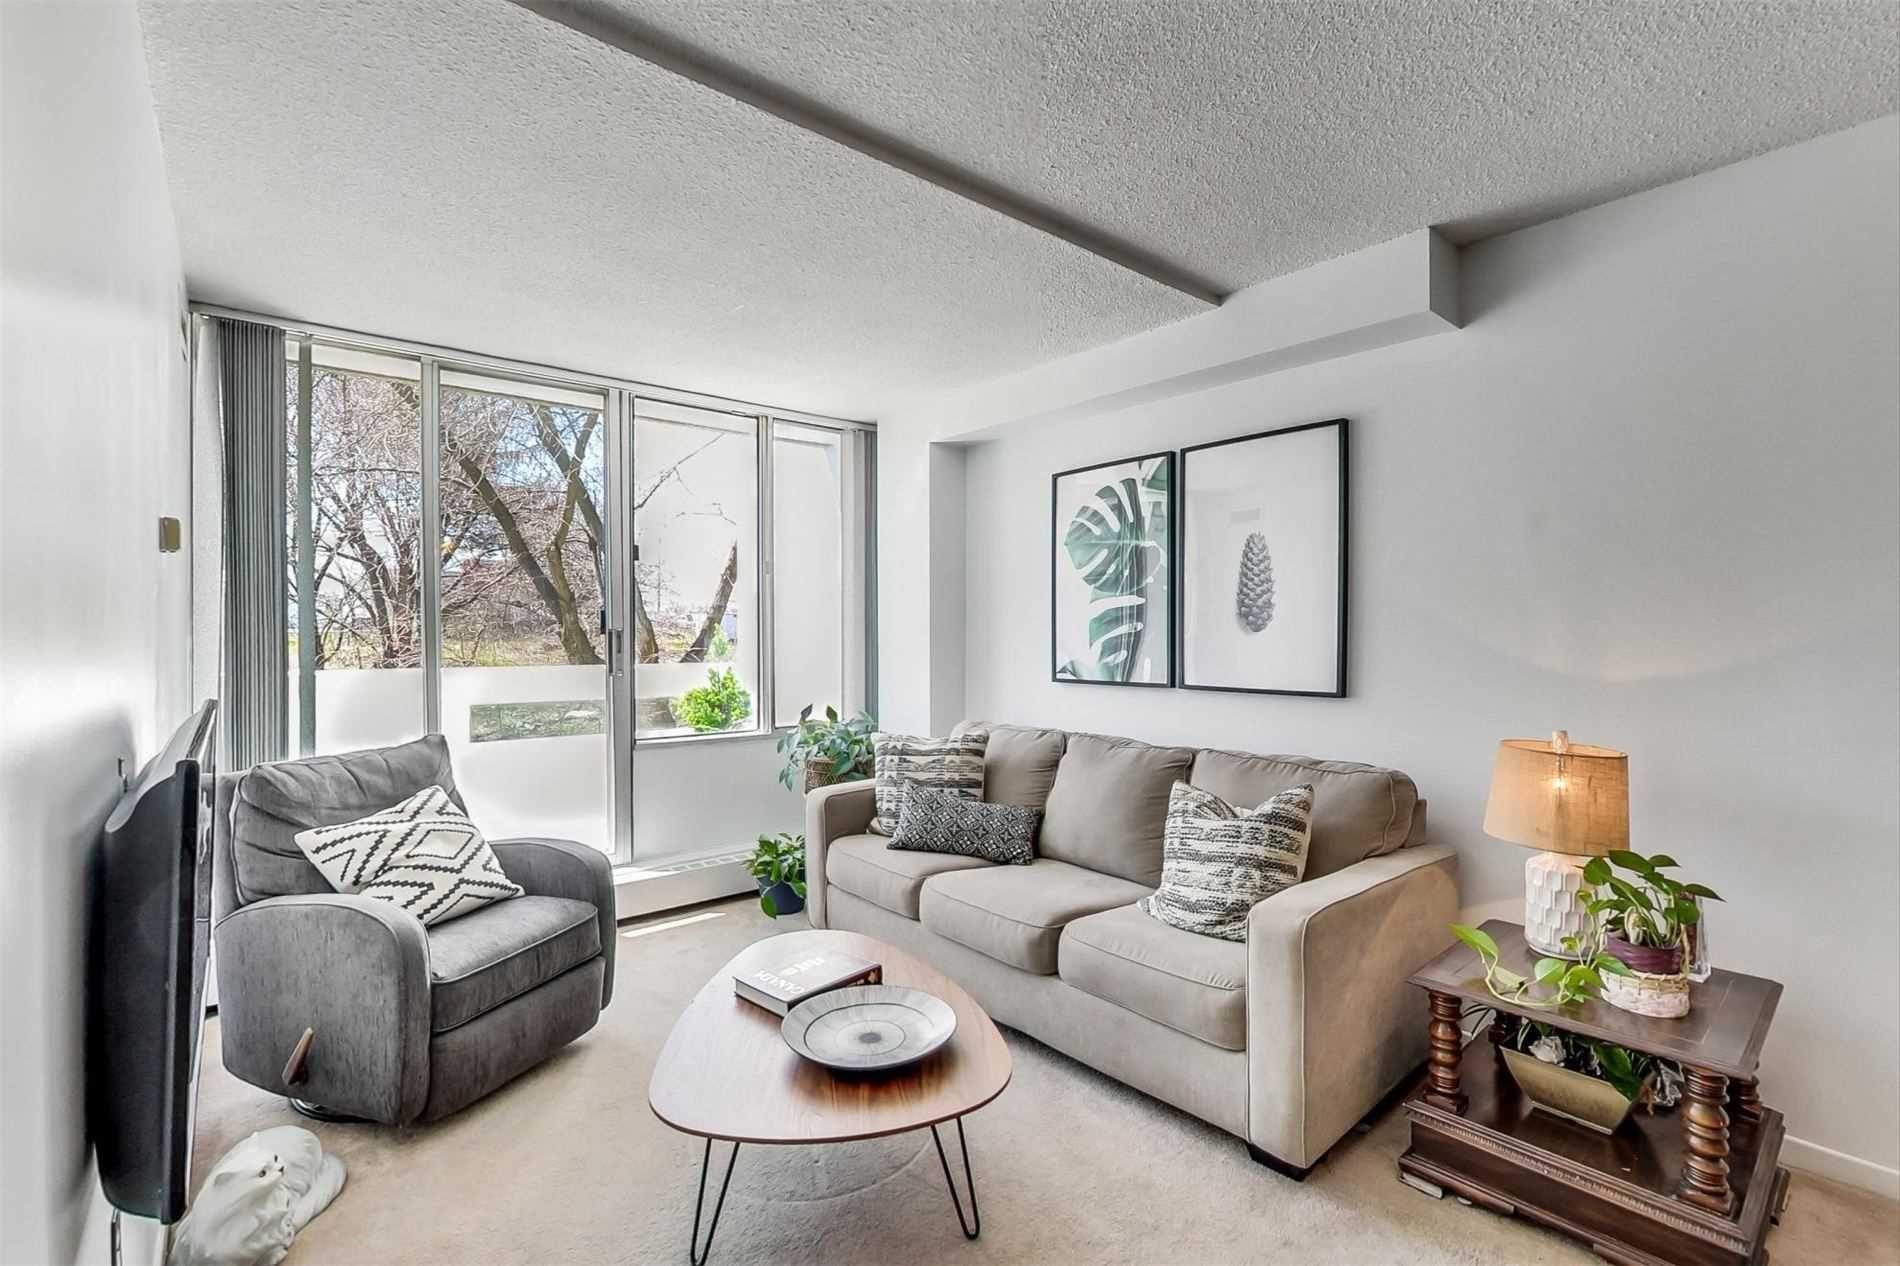 Photo 3: Photos: 212 5580 E Sheppard Avenue in Toronto: Malvern Condo for sale (Toronto E11)  : MLS®# E4747223